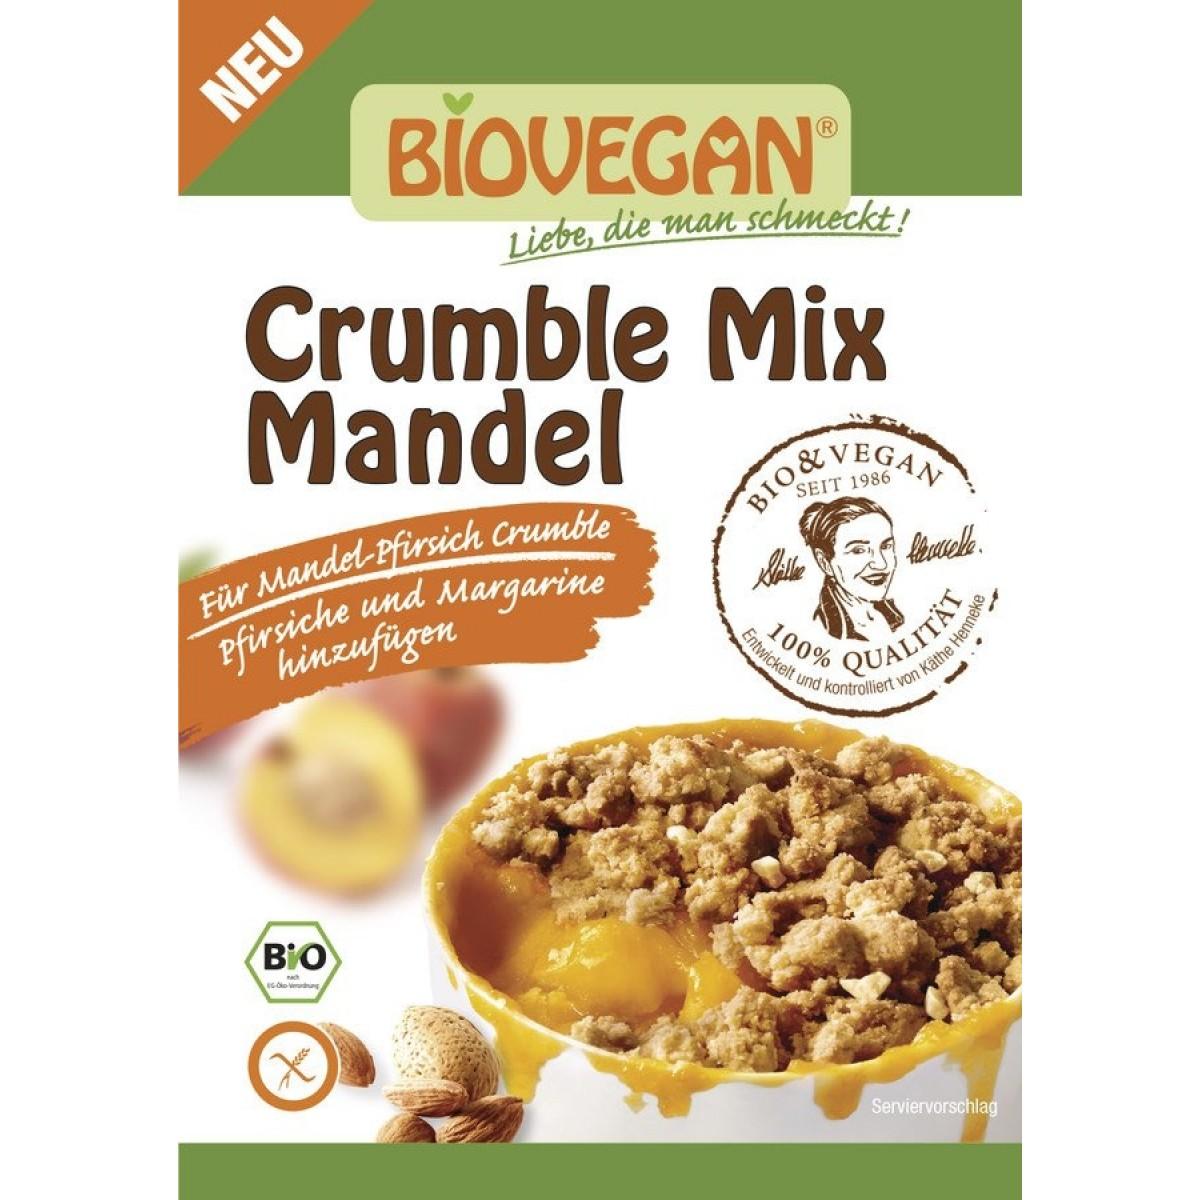 Crumble Mix Amandel